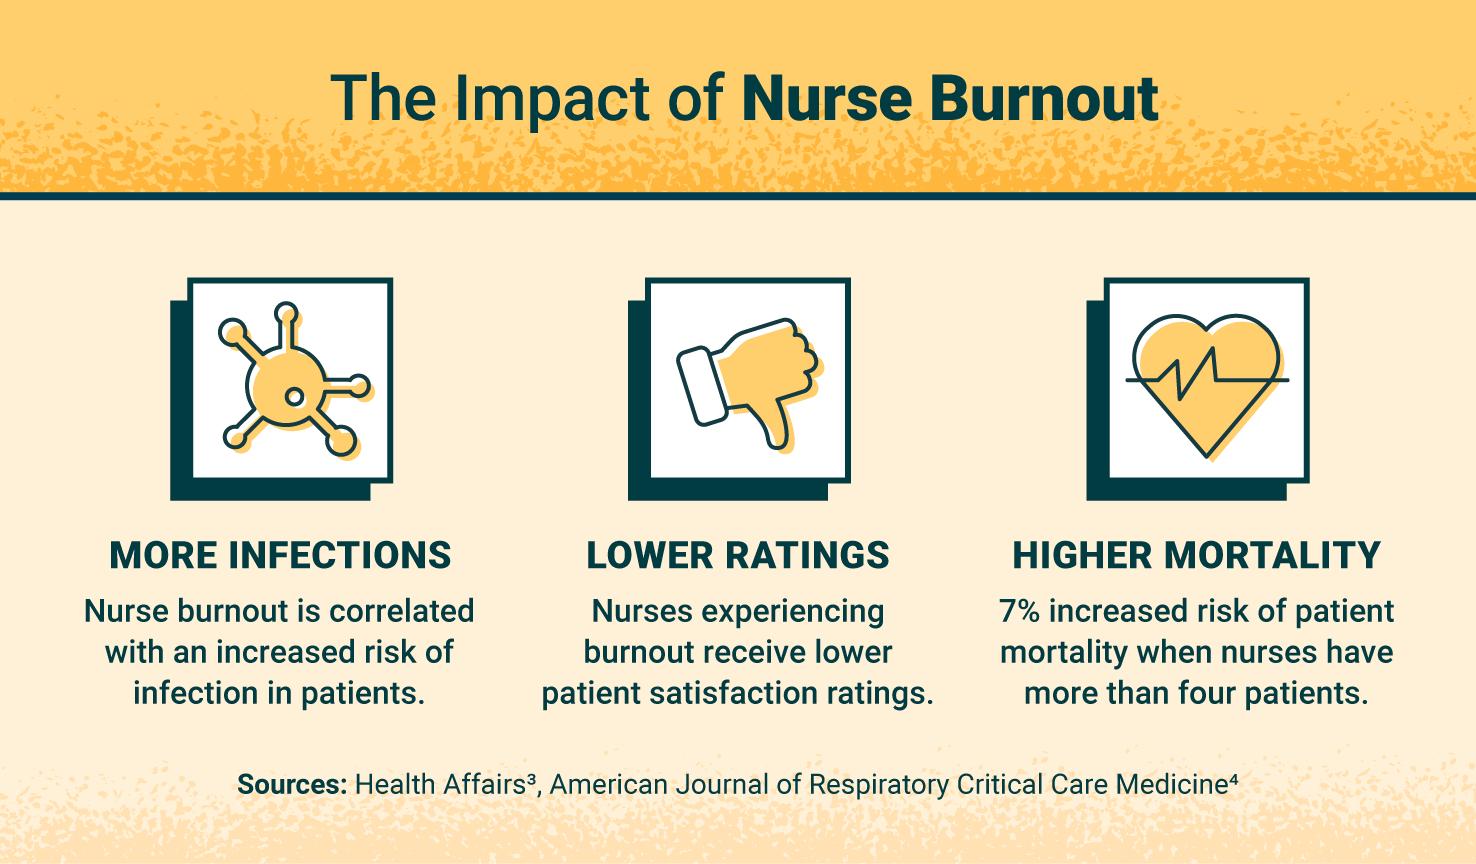 impacts of nurse burnout